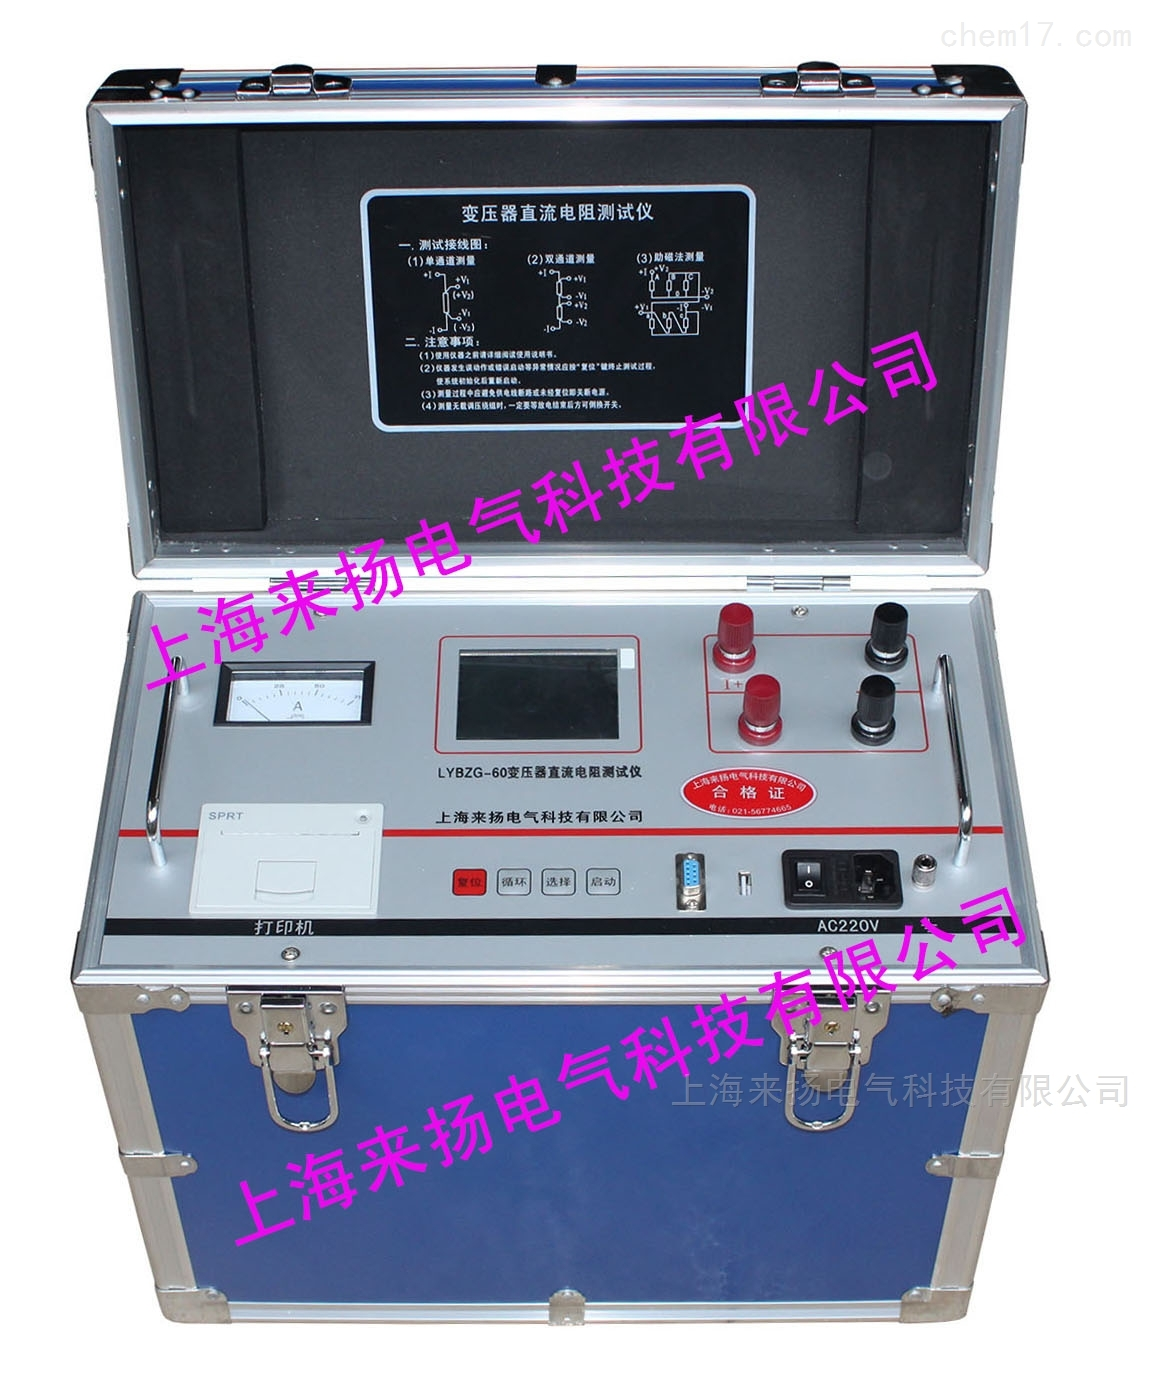 大型电力变压器直阻仪